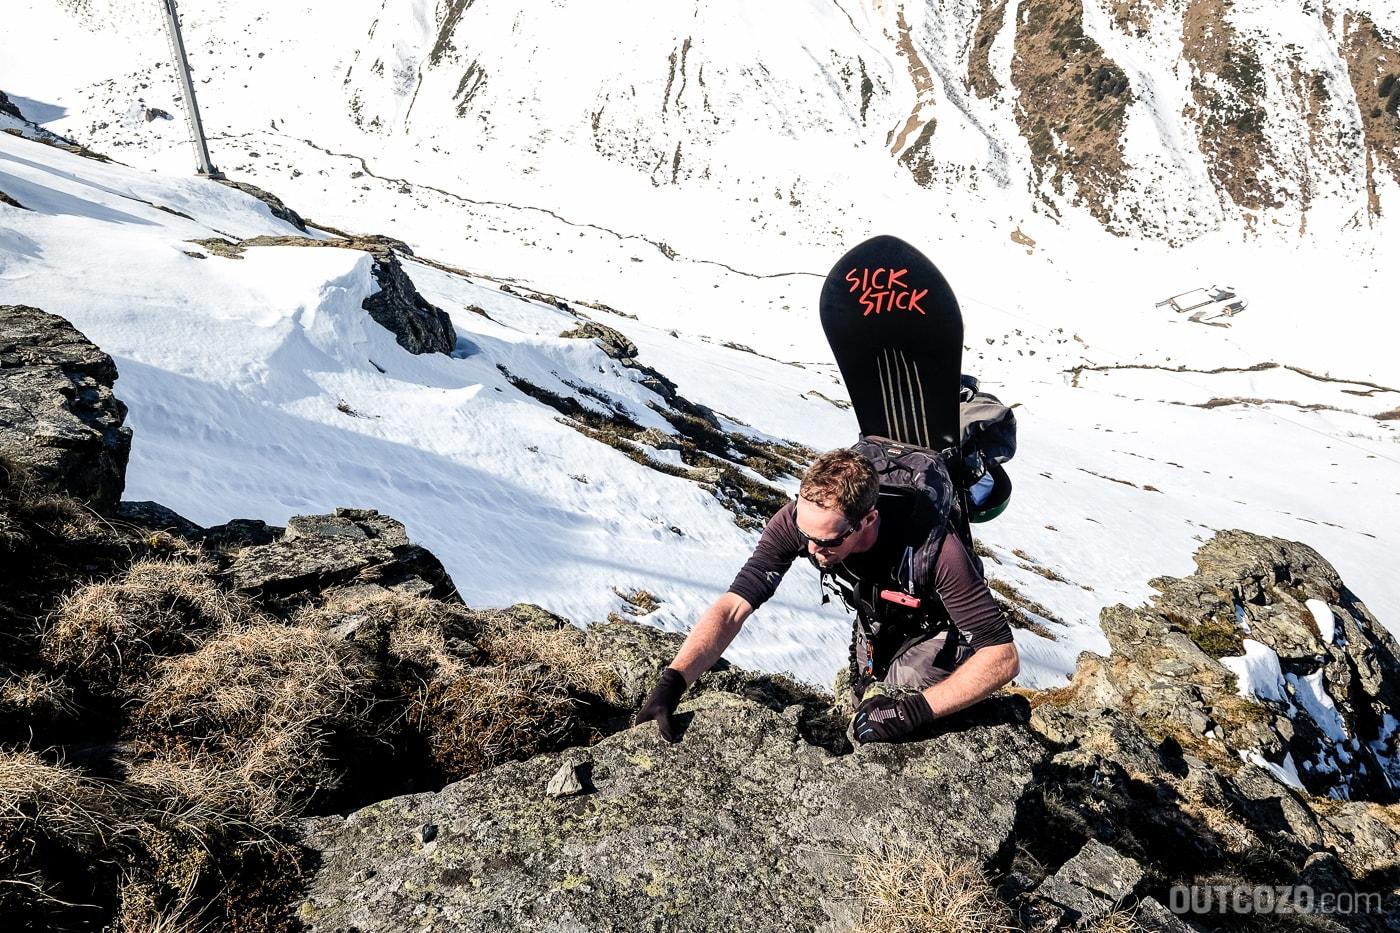 Winterklettersteig Burg Kletterpassage im Zustieg